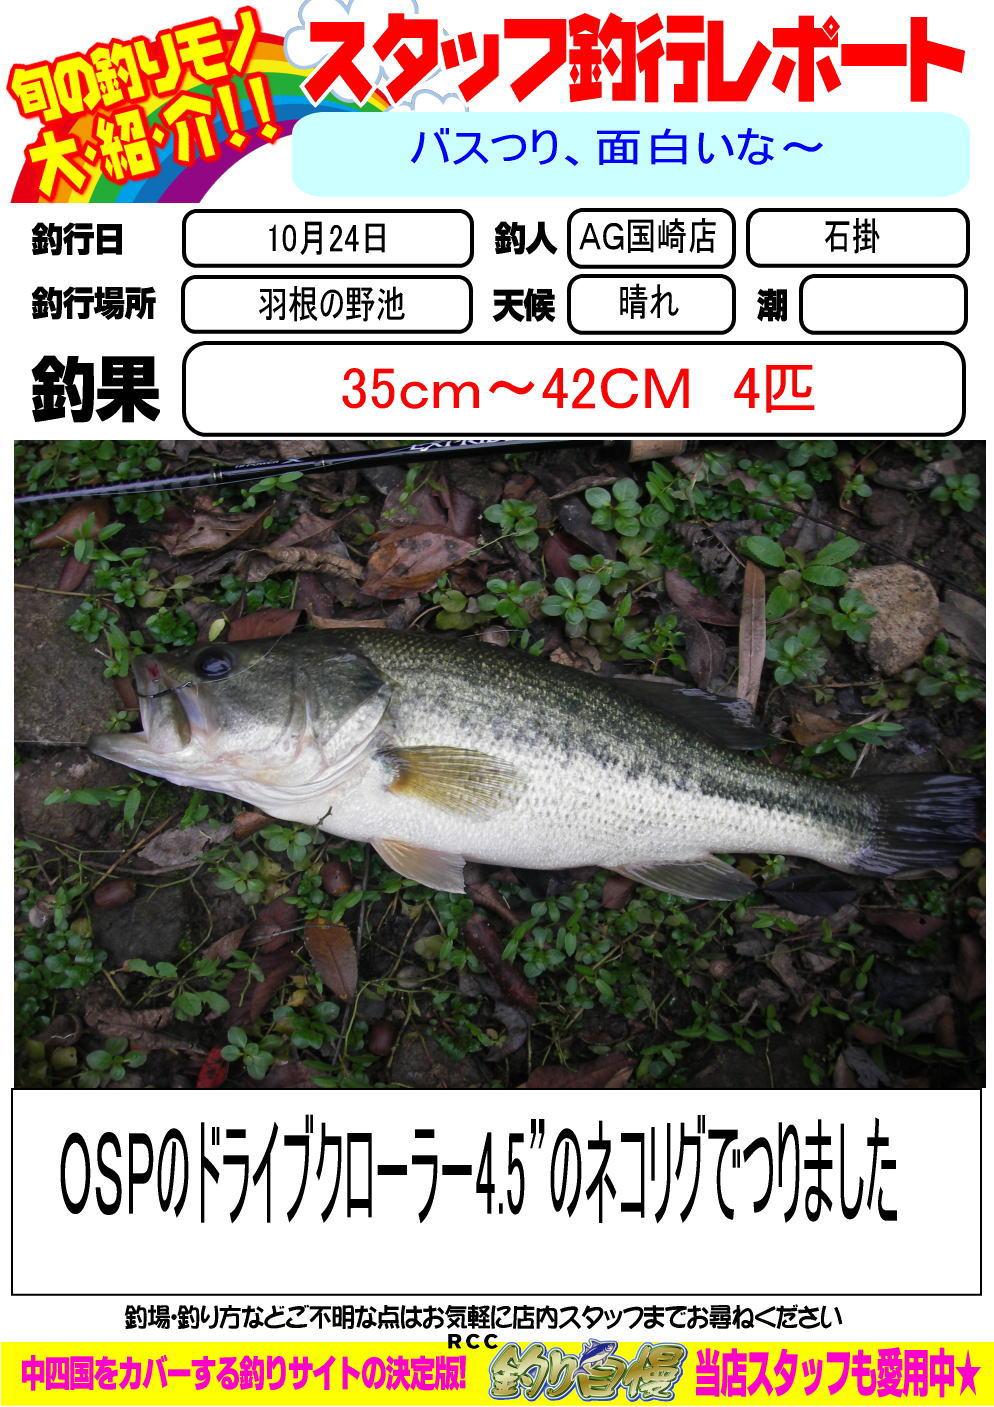 http://www.e-angle.co.jp/shop/blog/blog-20131022-kunisaki-basu.jpg